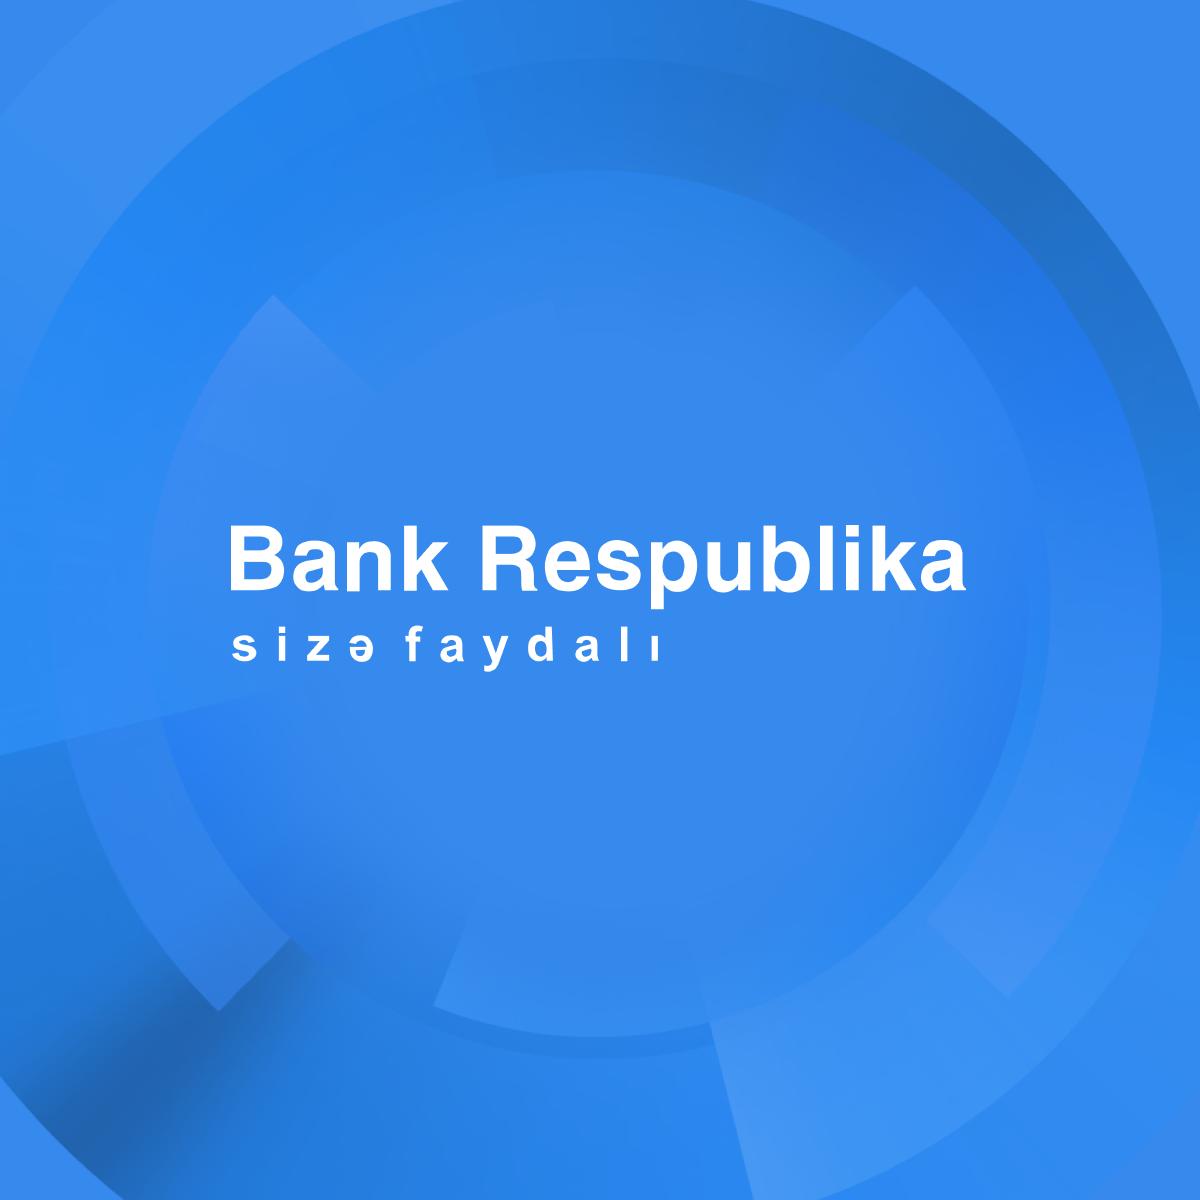 Чистая процентная прибыль Банк Республика достигла 24,5 млн. манат